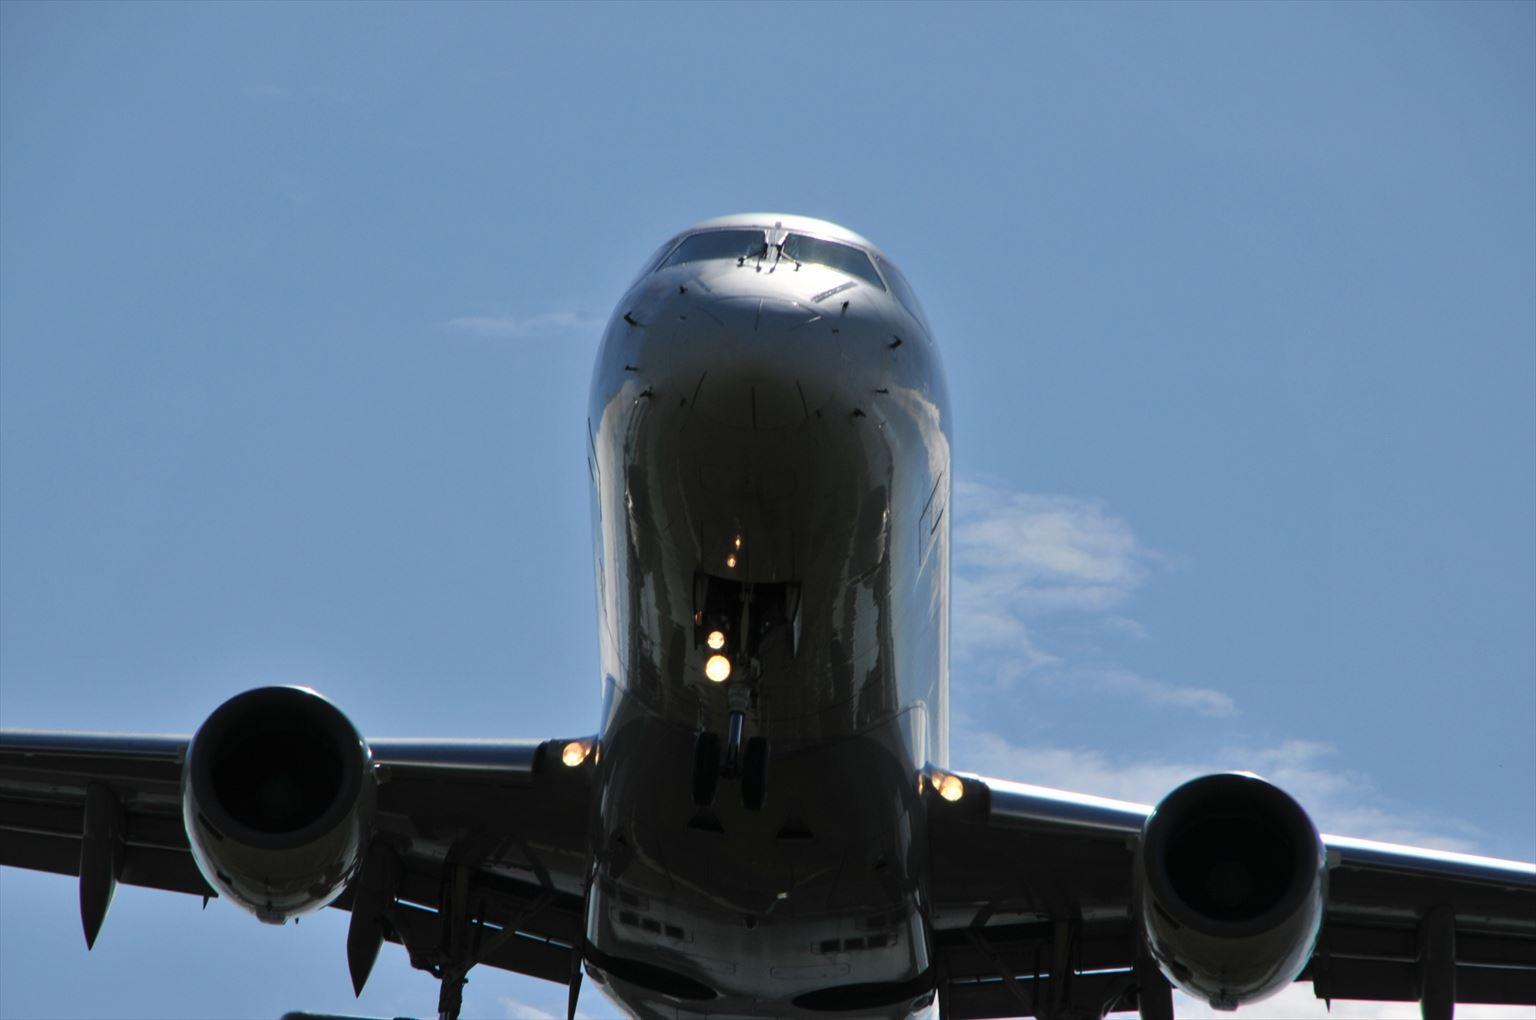 離陸中の飛行機